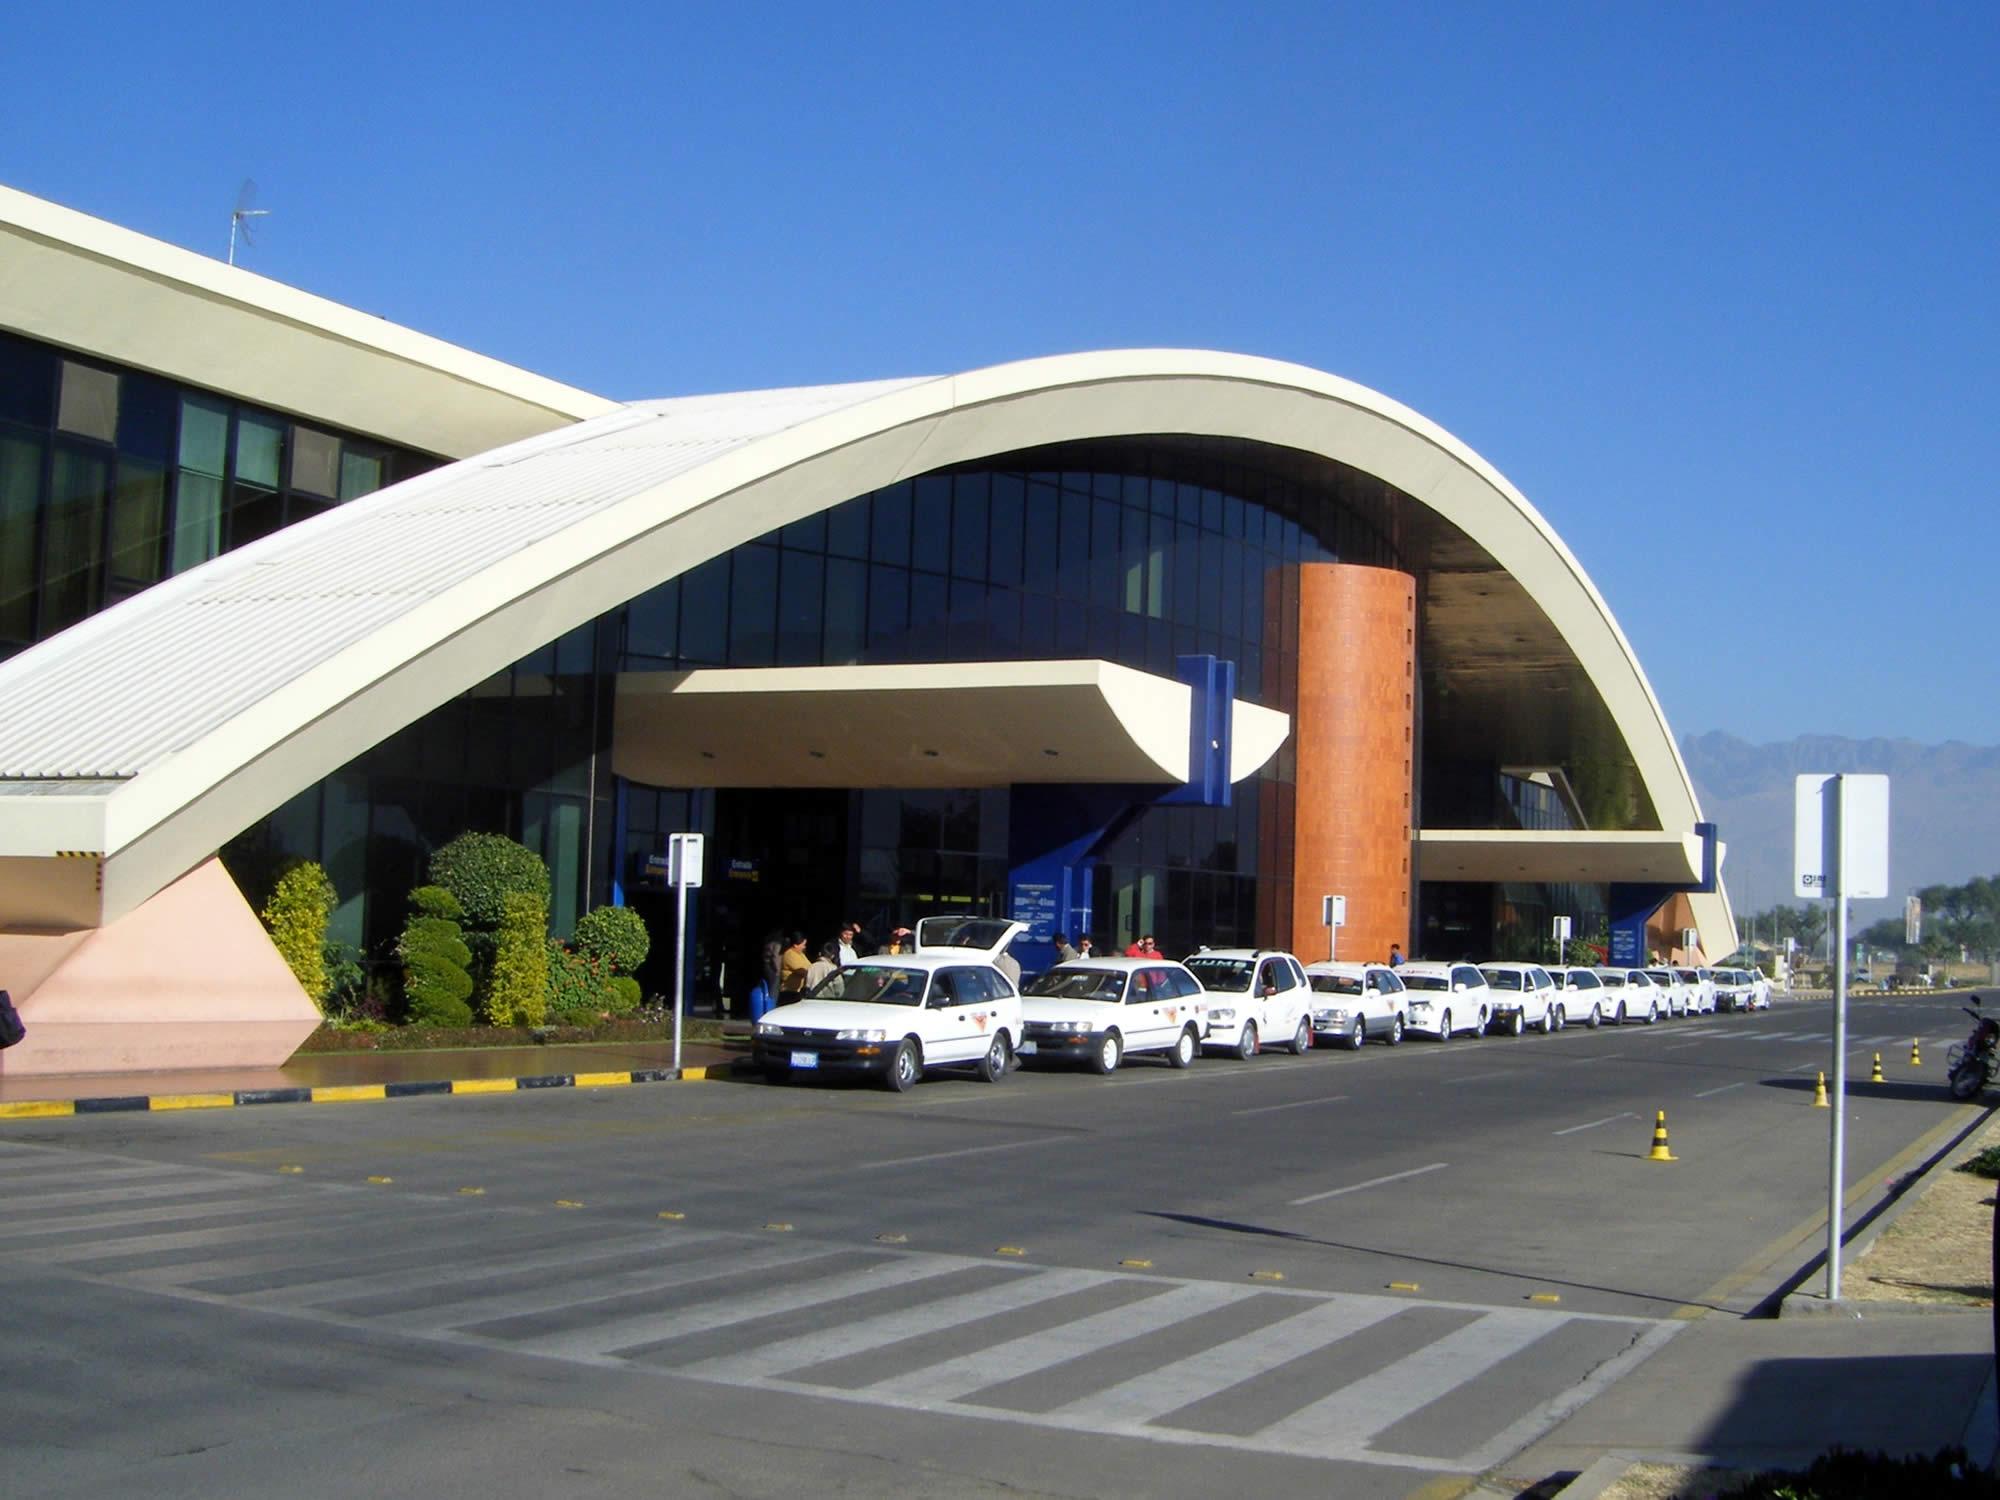 Jorge Wilsterman Airport, Cochabamba – Hotel (7:00 – 20:00)